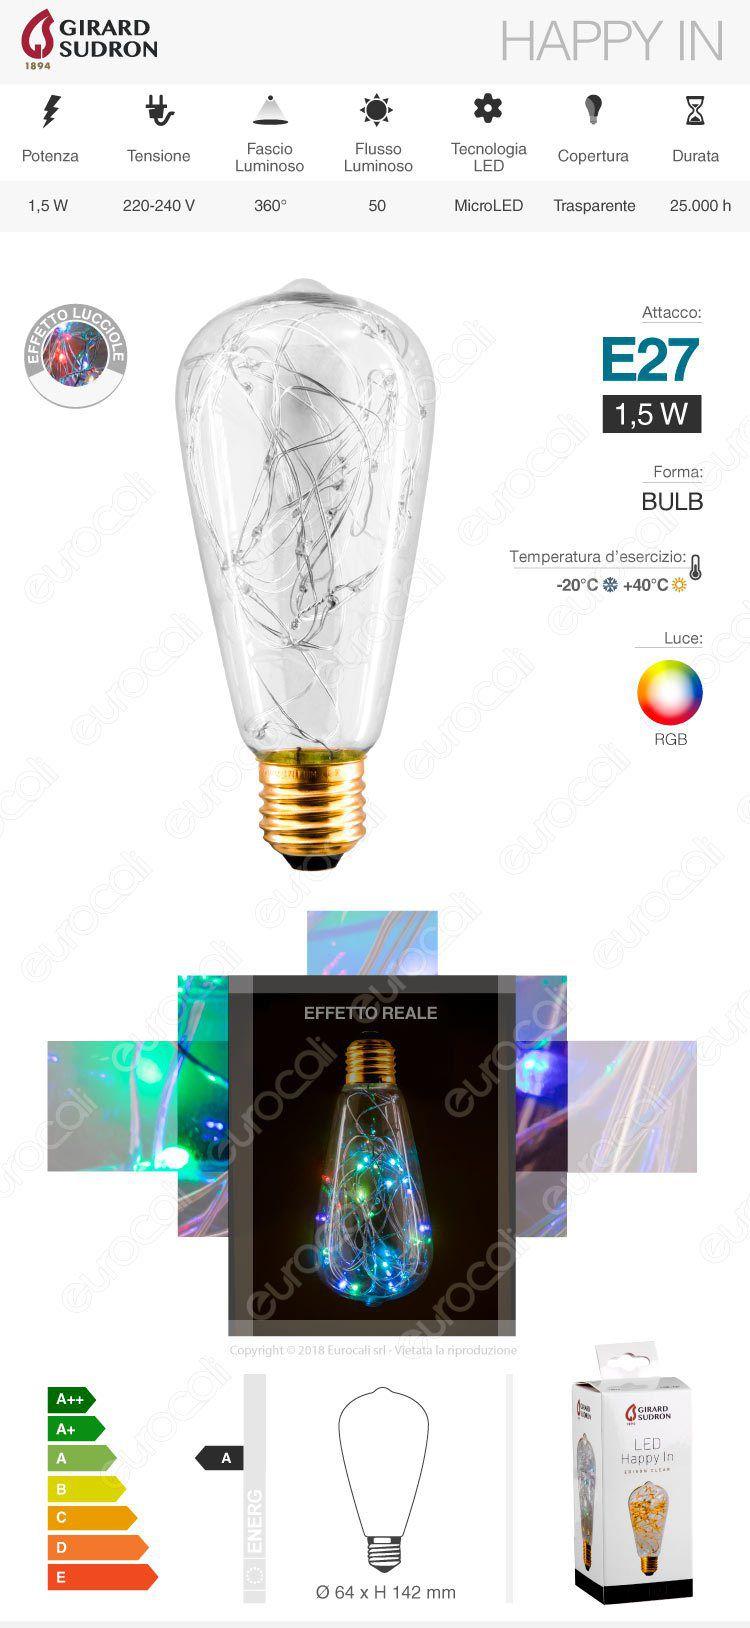 lampada led e27 girard sudron filo microled rgb